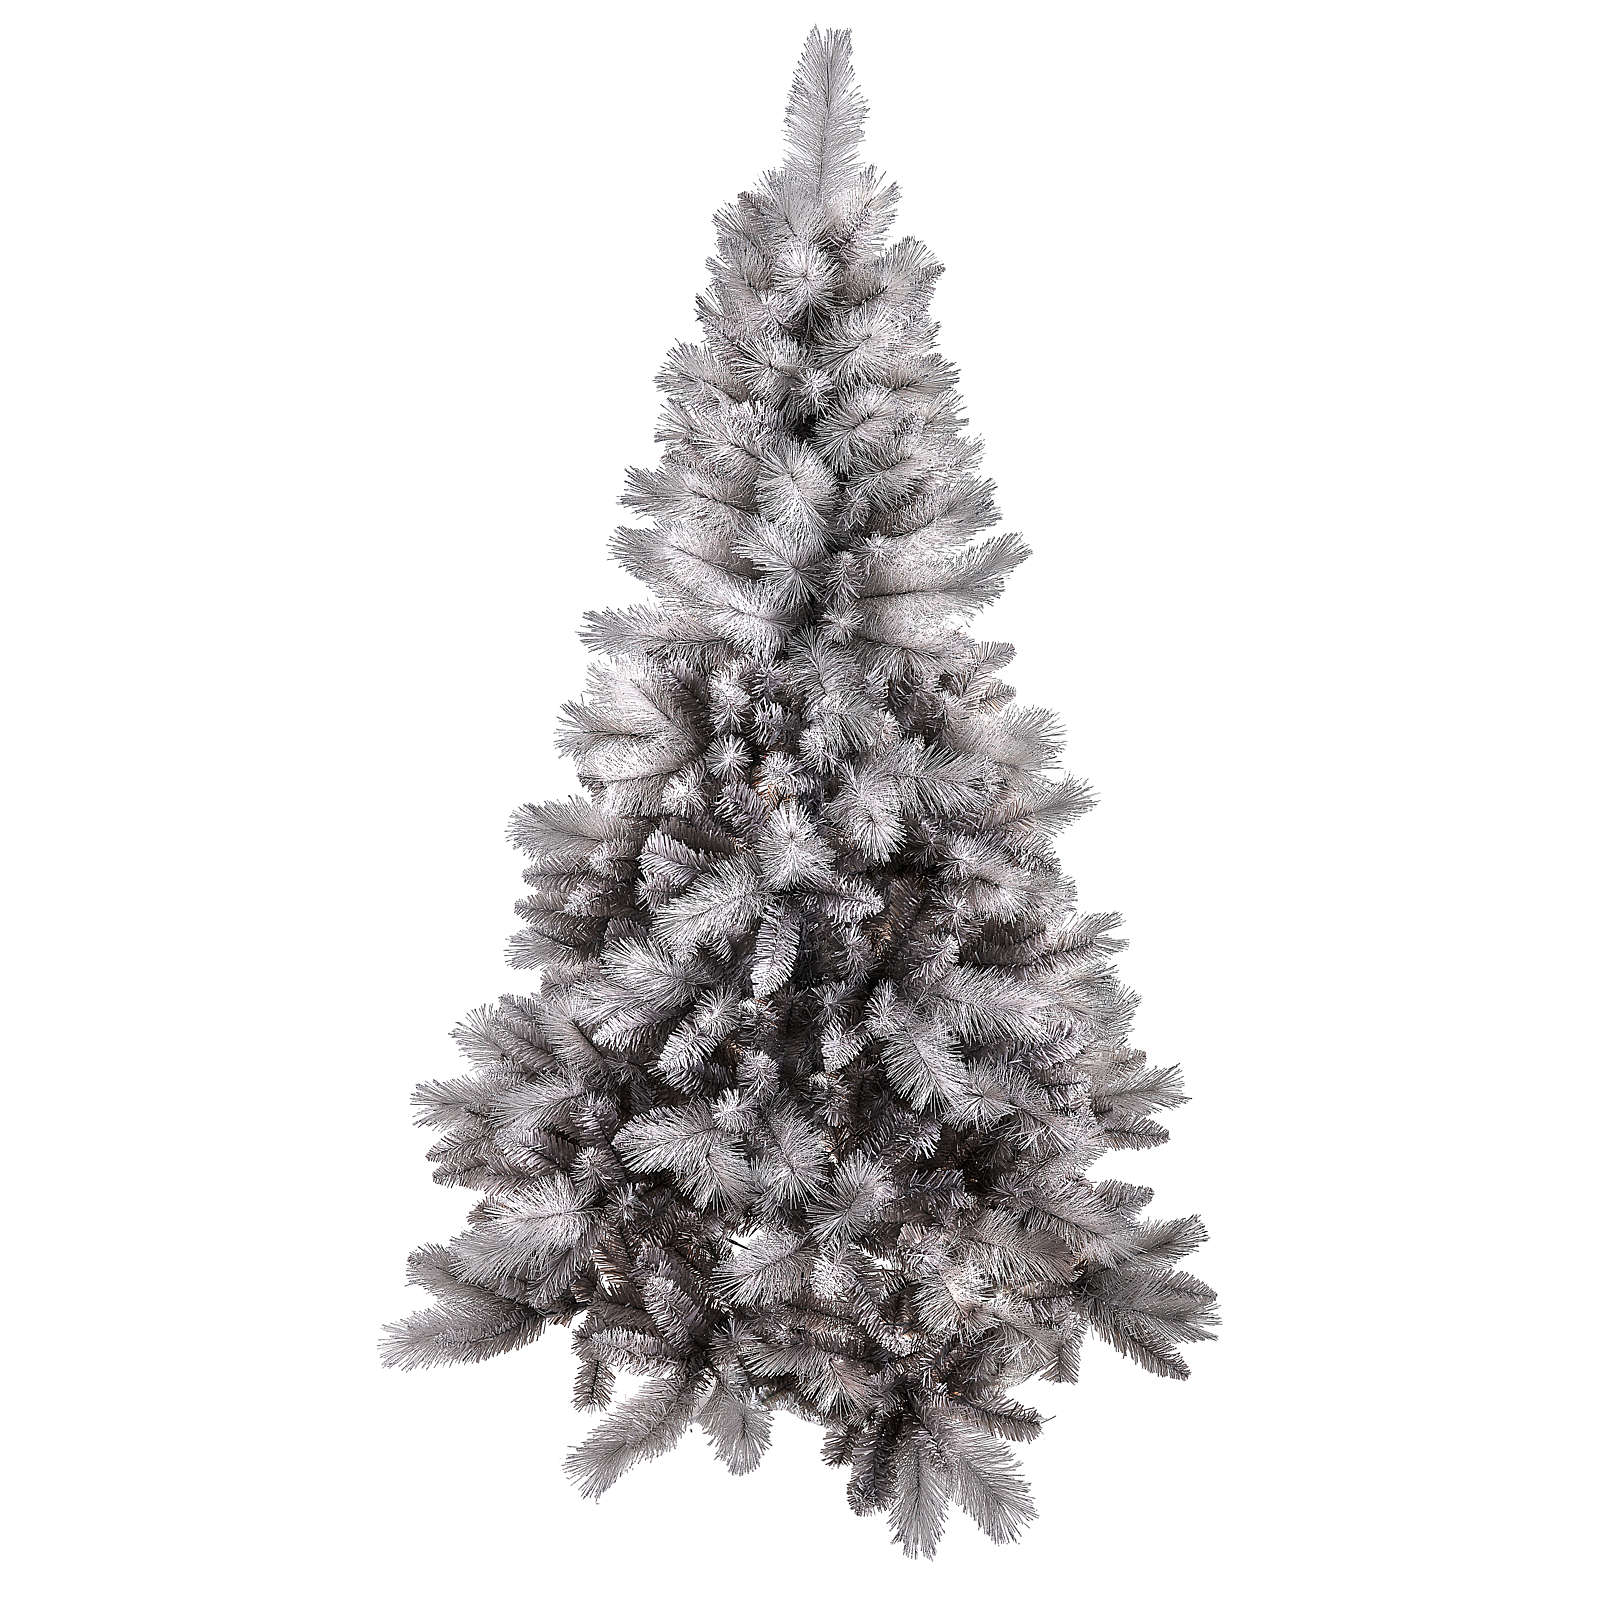 Weihnachstbaum 210cm Mod. Silver Diamond 3